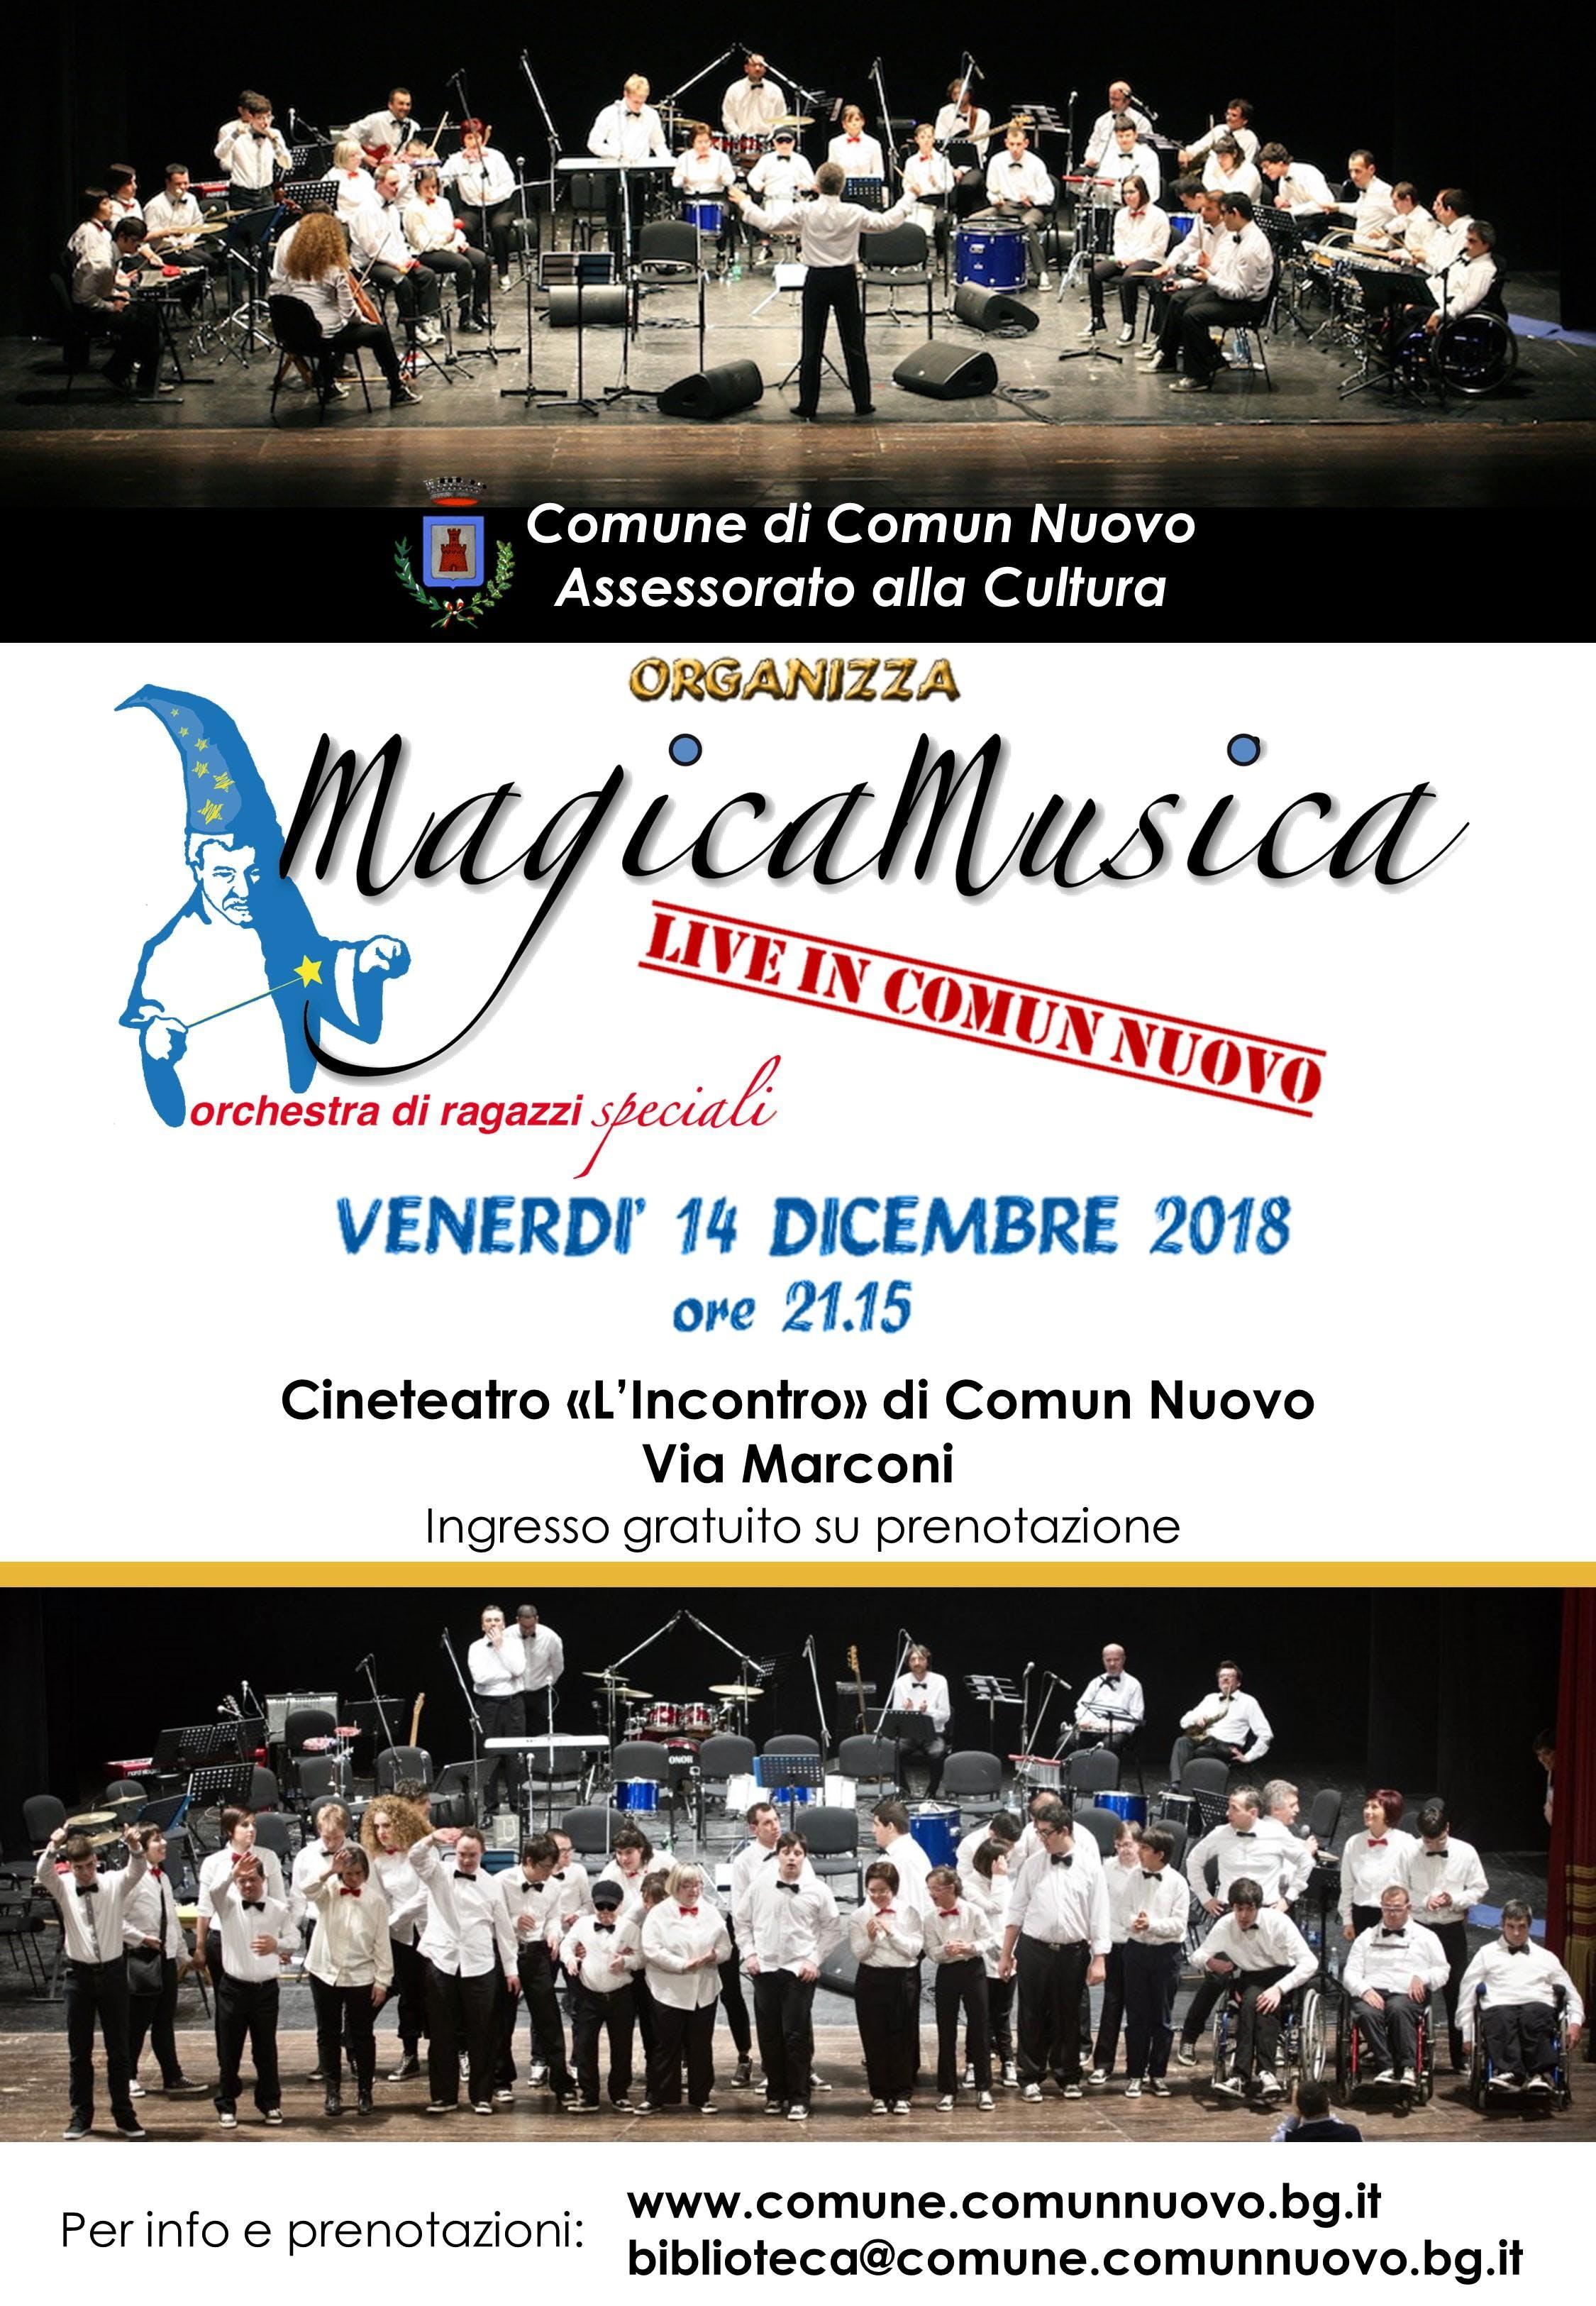 MAGICA MUSICA Live in Comun Nuovo